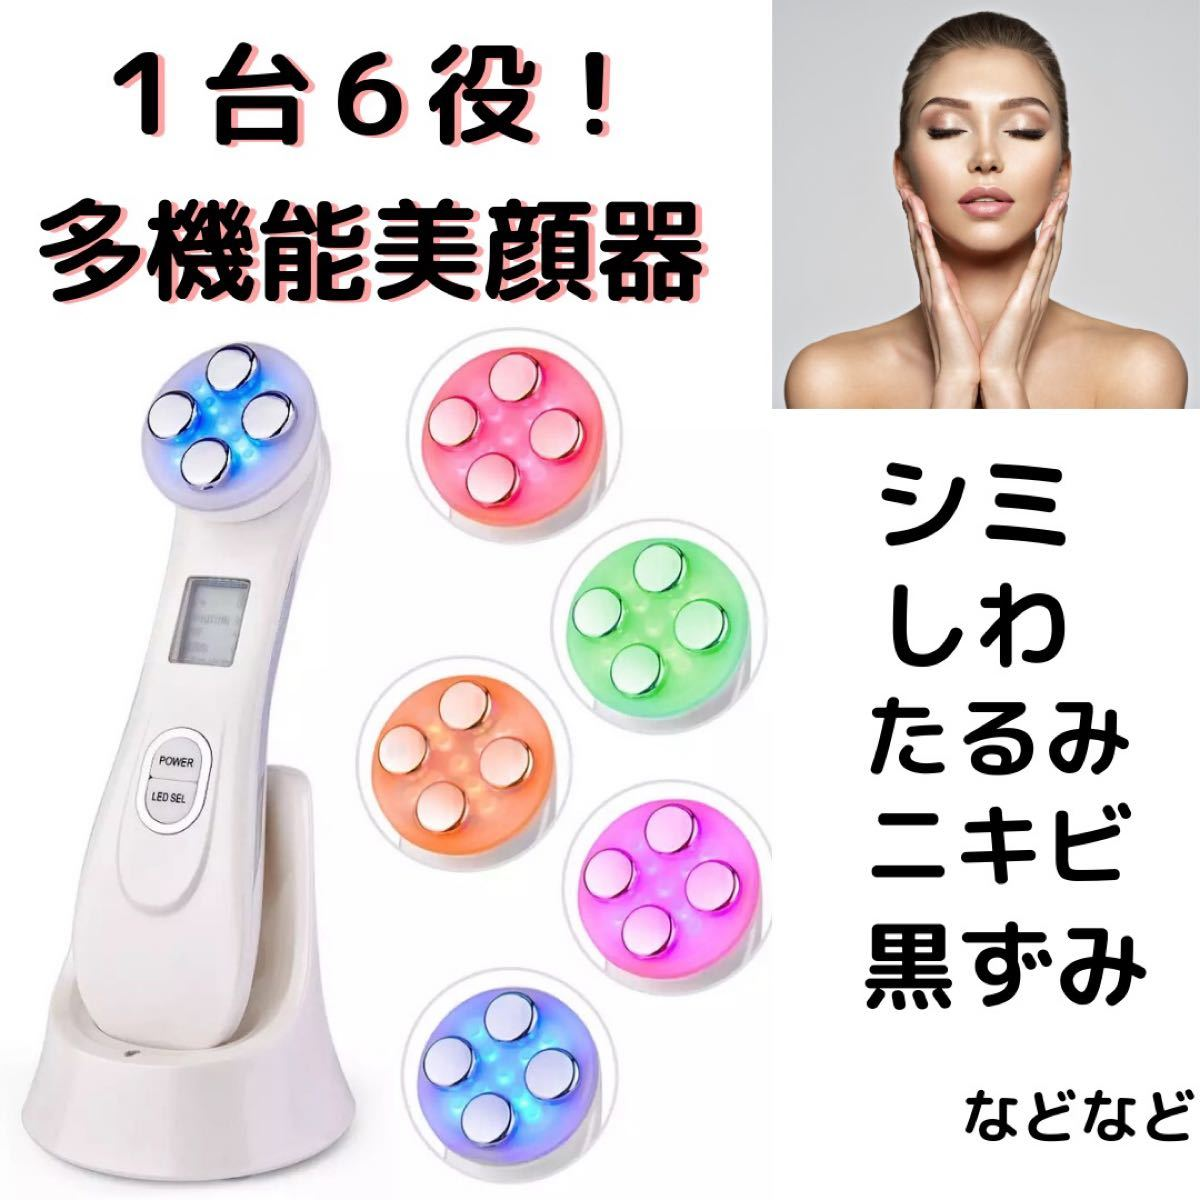 【新品】イオン導入 超音波 EMS エステ 美顔器 LED リフトアップ 美肌 光エステ 小顔 マッサージ EMS